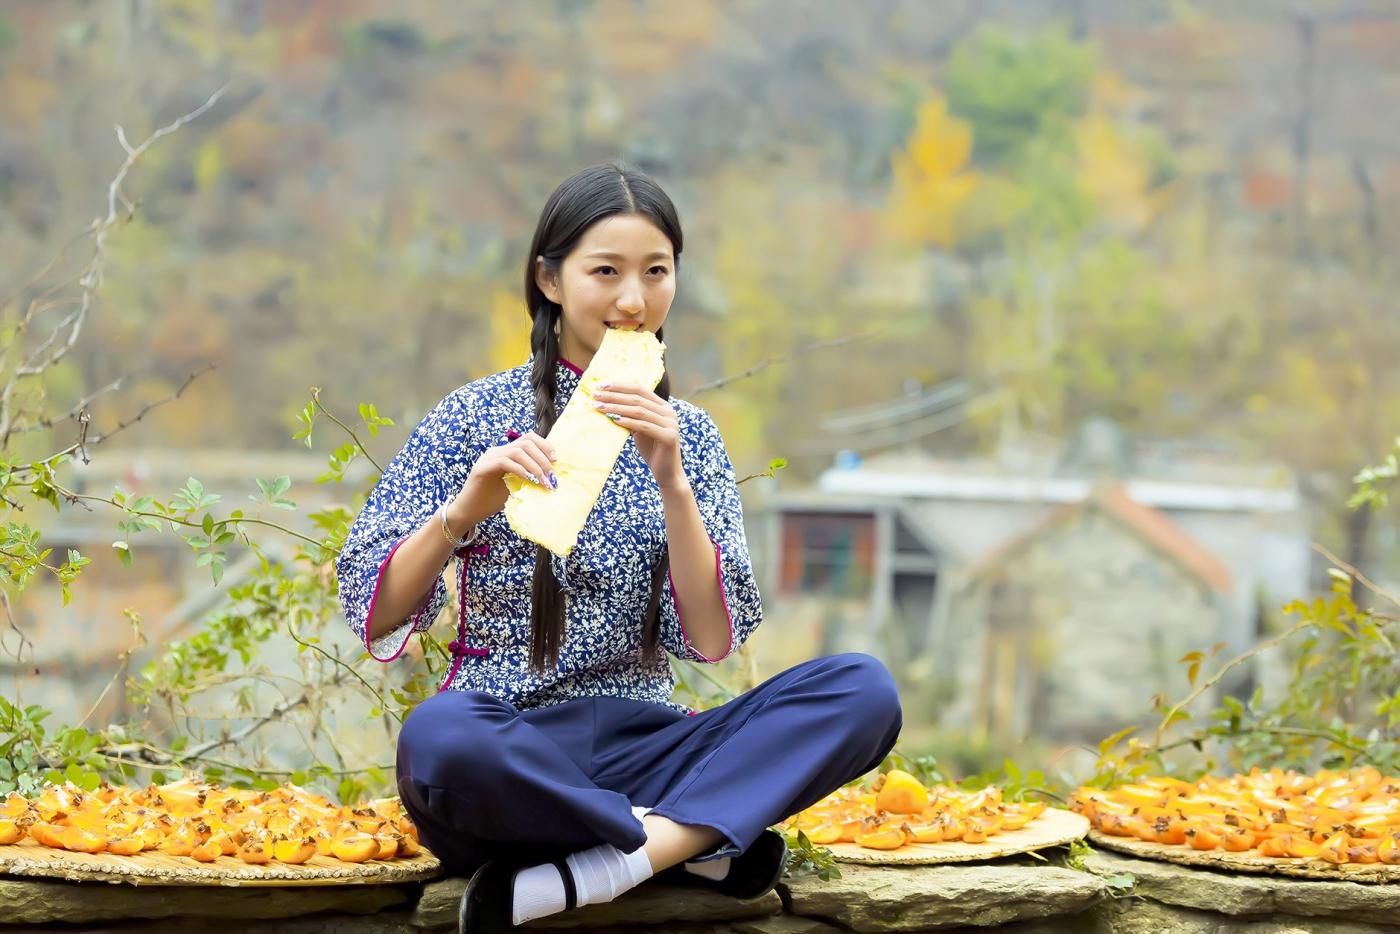 """蒙山人家走来一位可爱的""""煎饼mm"""" 地道的临沂大嫚范_图1-6"""